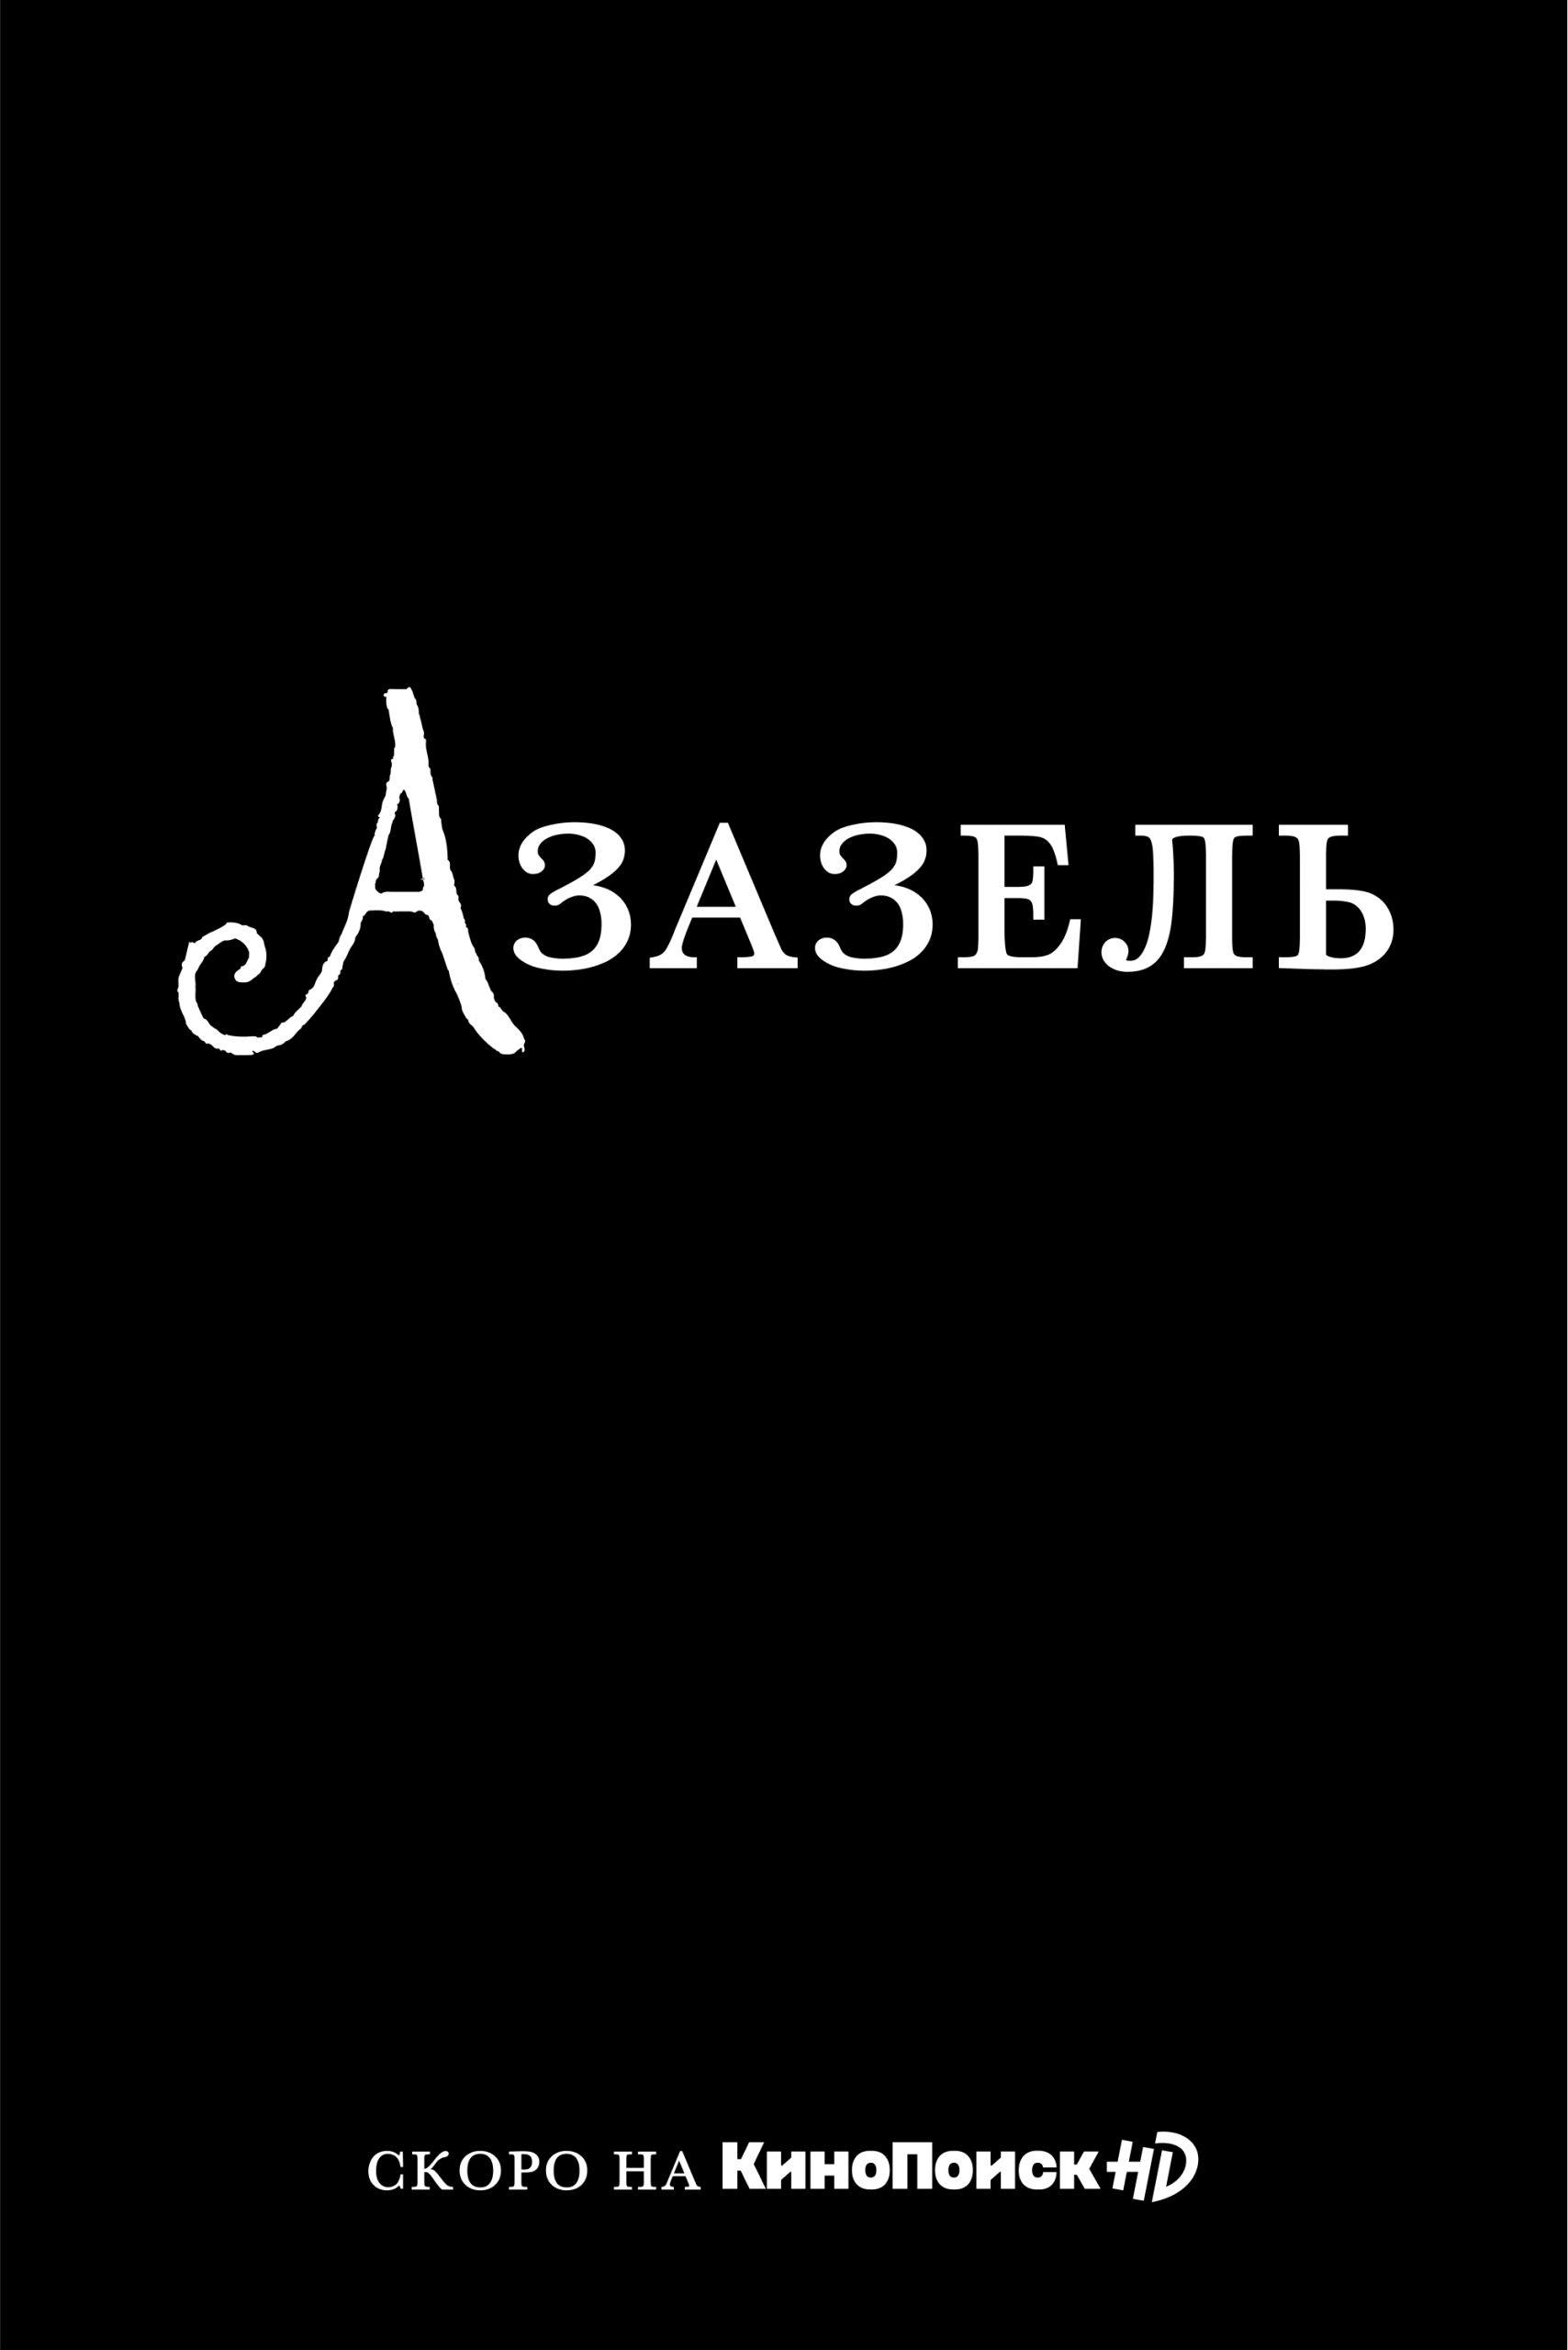 «Топи»Глуховского и экранизация «Пищеблока»: фантастические проекты «КиноПоиска» 2